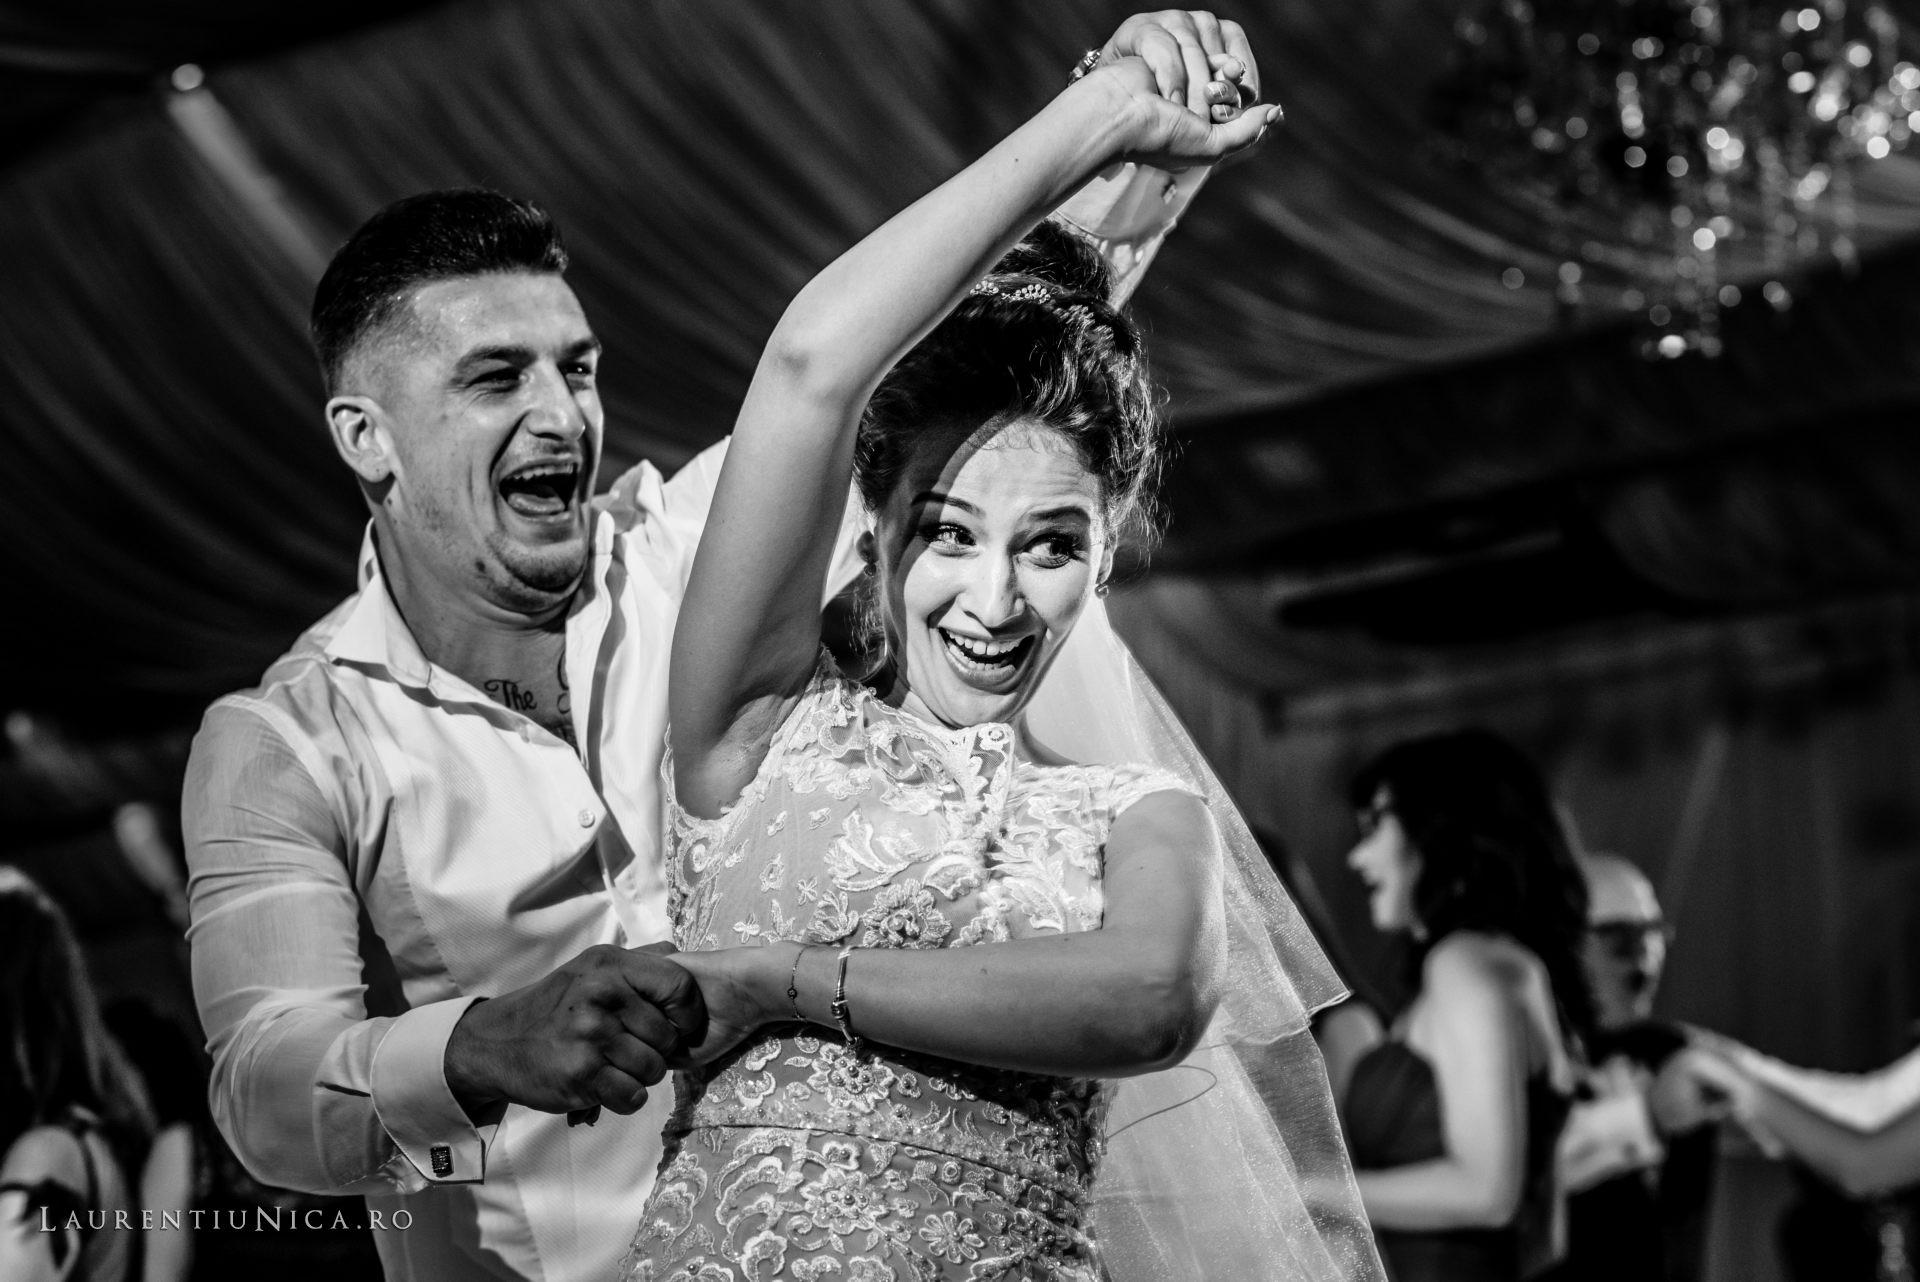 denisa si catalin fotograf nunta laurentiu nica craiova 78 - Denisa si Catalin | Fotografii nunta | Craiova